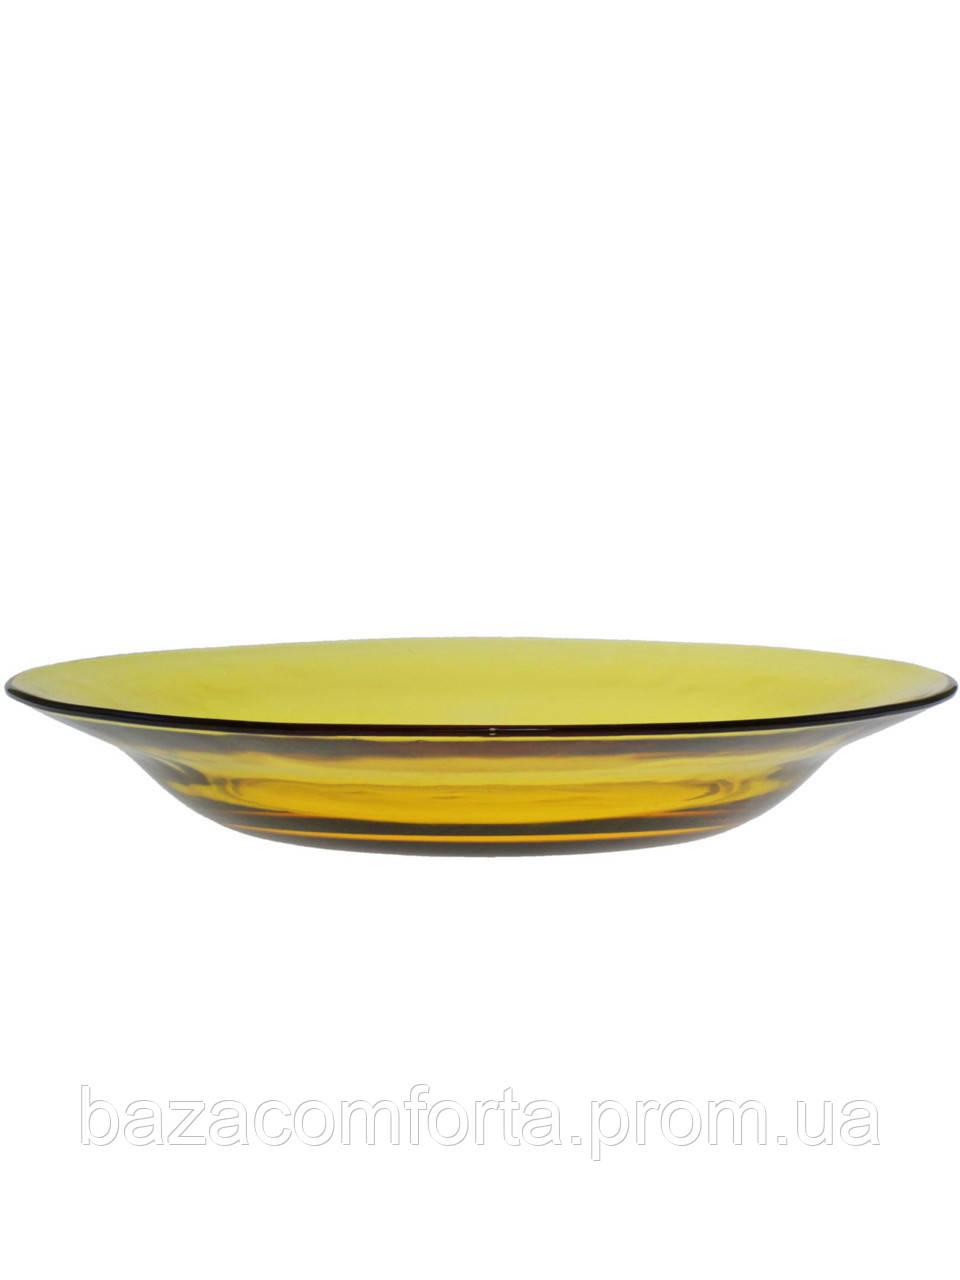 Тарелка суповая стеклянная Pasabahce Amber Ø225мм